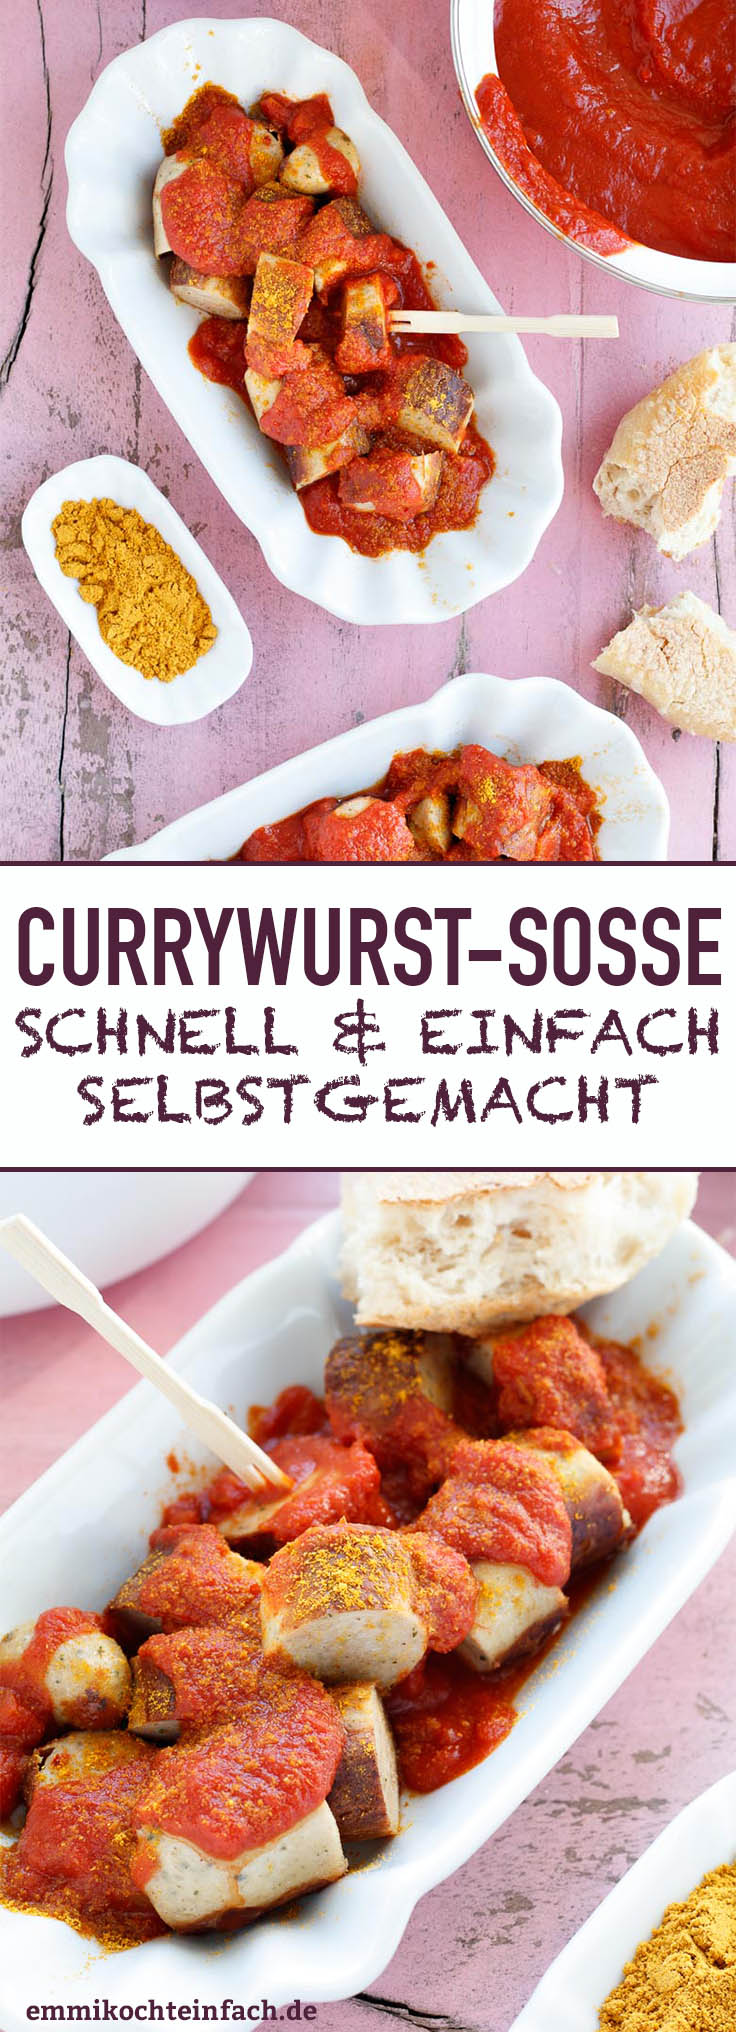 Currywurstsoße - einfach und schnell selbstgemacht - www.emmikochteinfach.de